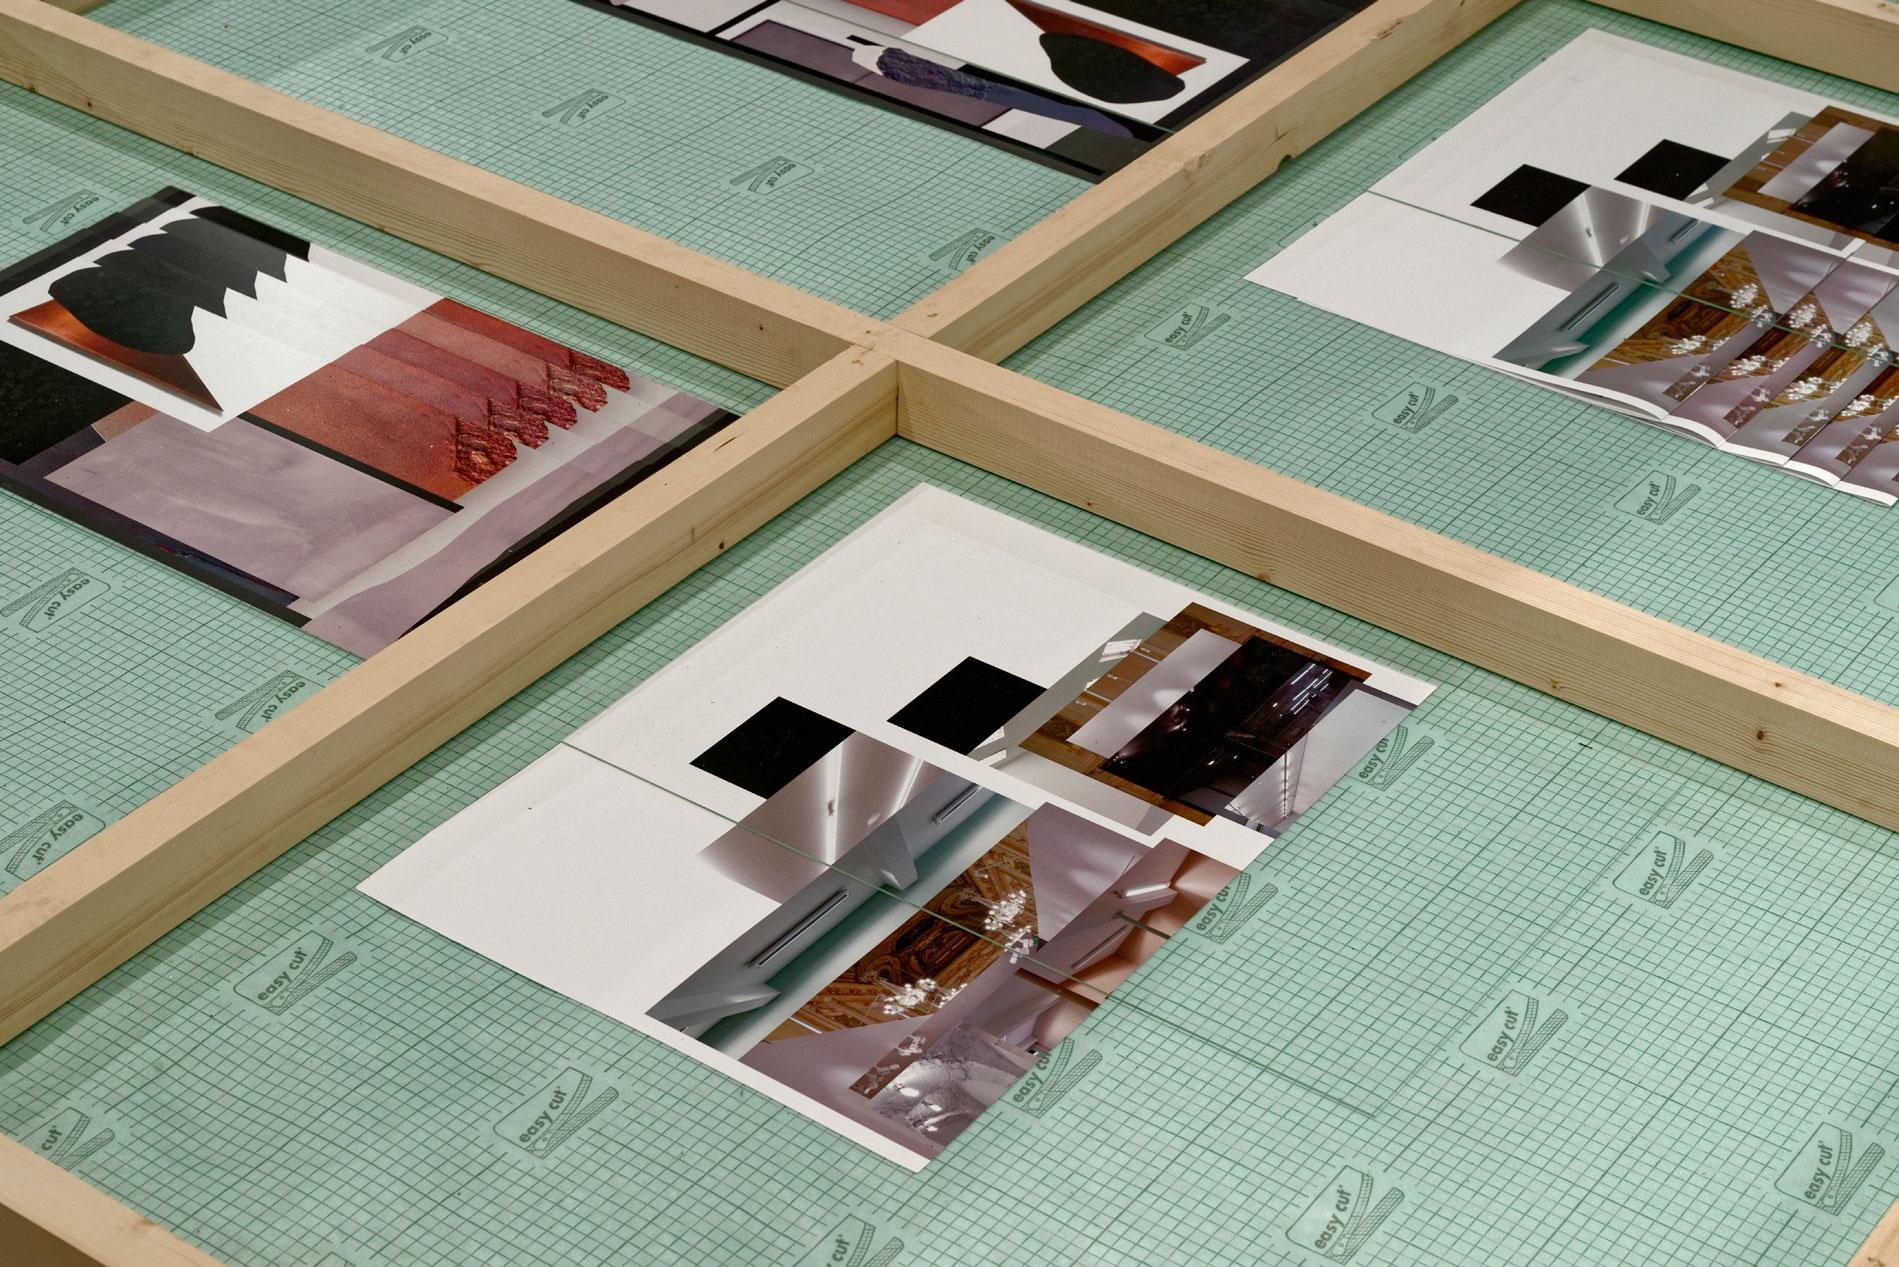 syndicat-graphisme-Sacha-Leopold-Francois-Havegeer-exposition--Taylor,-Matthieu-et-Ricardo-chaumont-2015-03